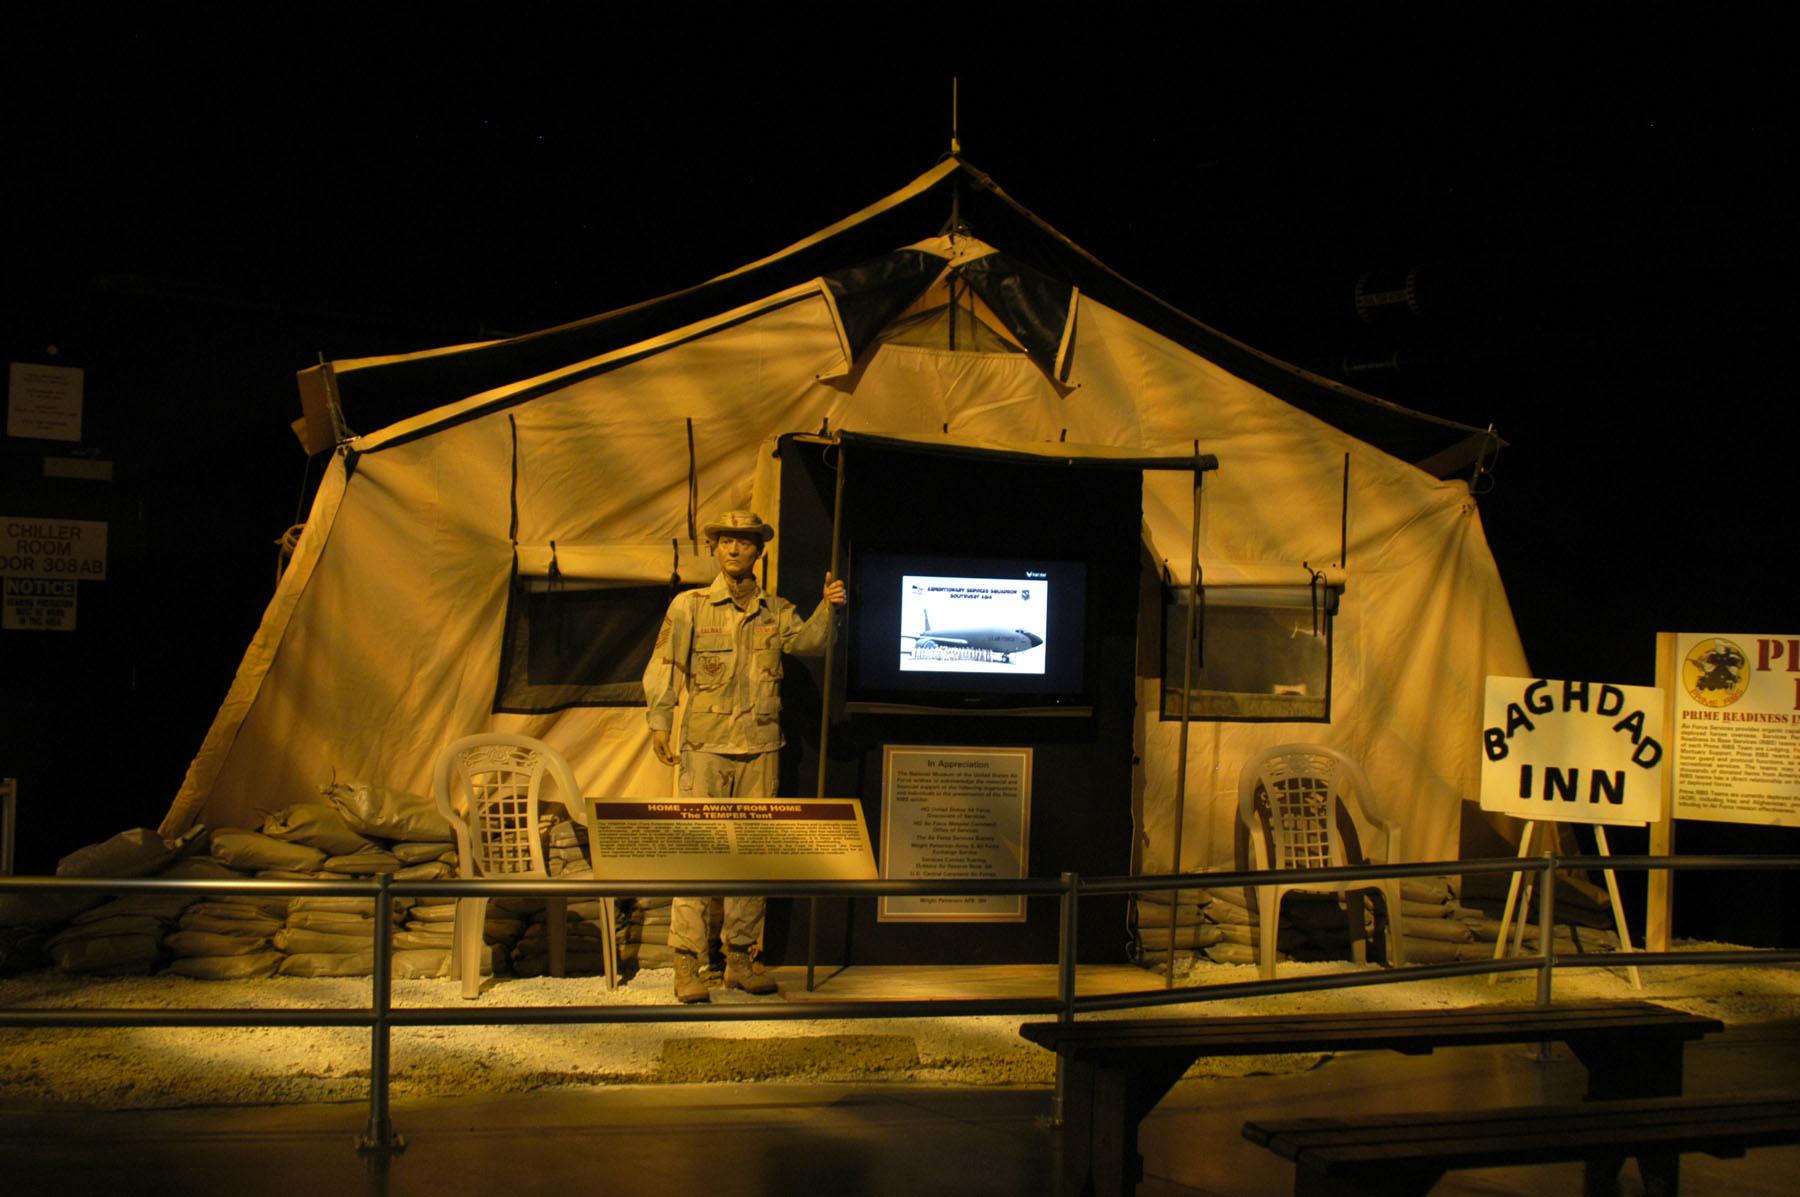 TEMPER Tent & TEMPER Tent u003e National Museum of the US Air Force™ u003e Display